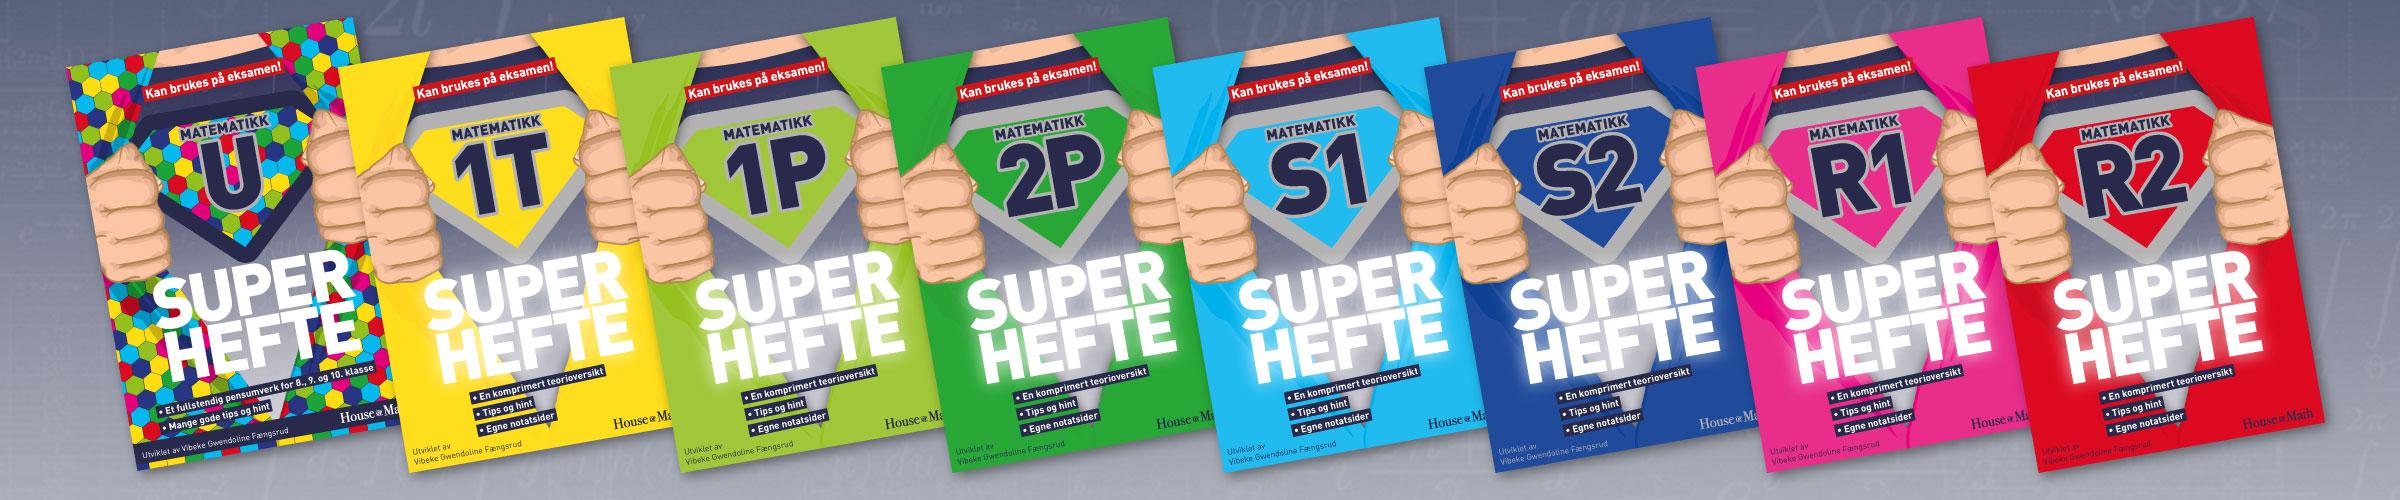 front_superhefter_2400x500